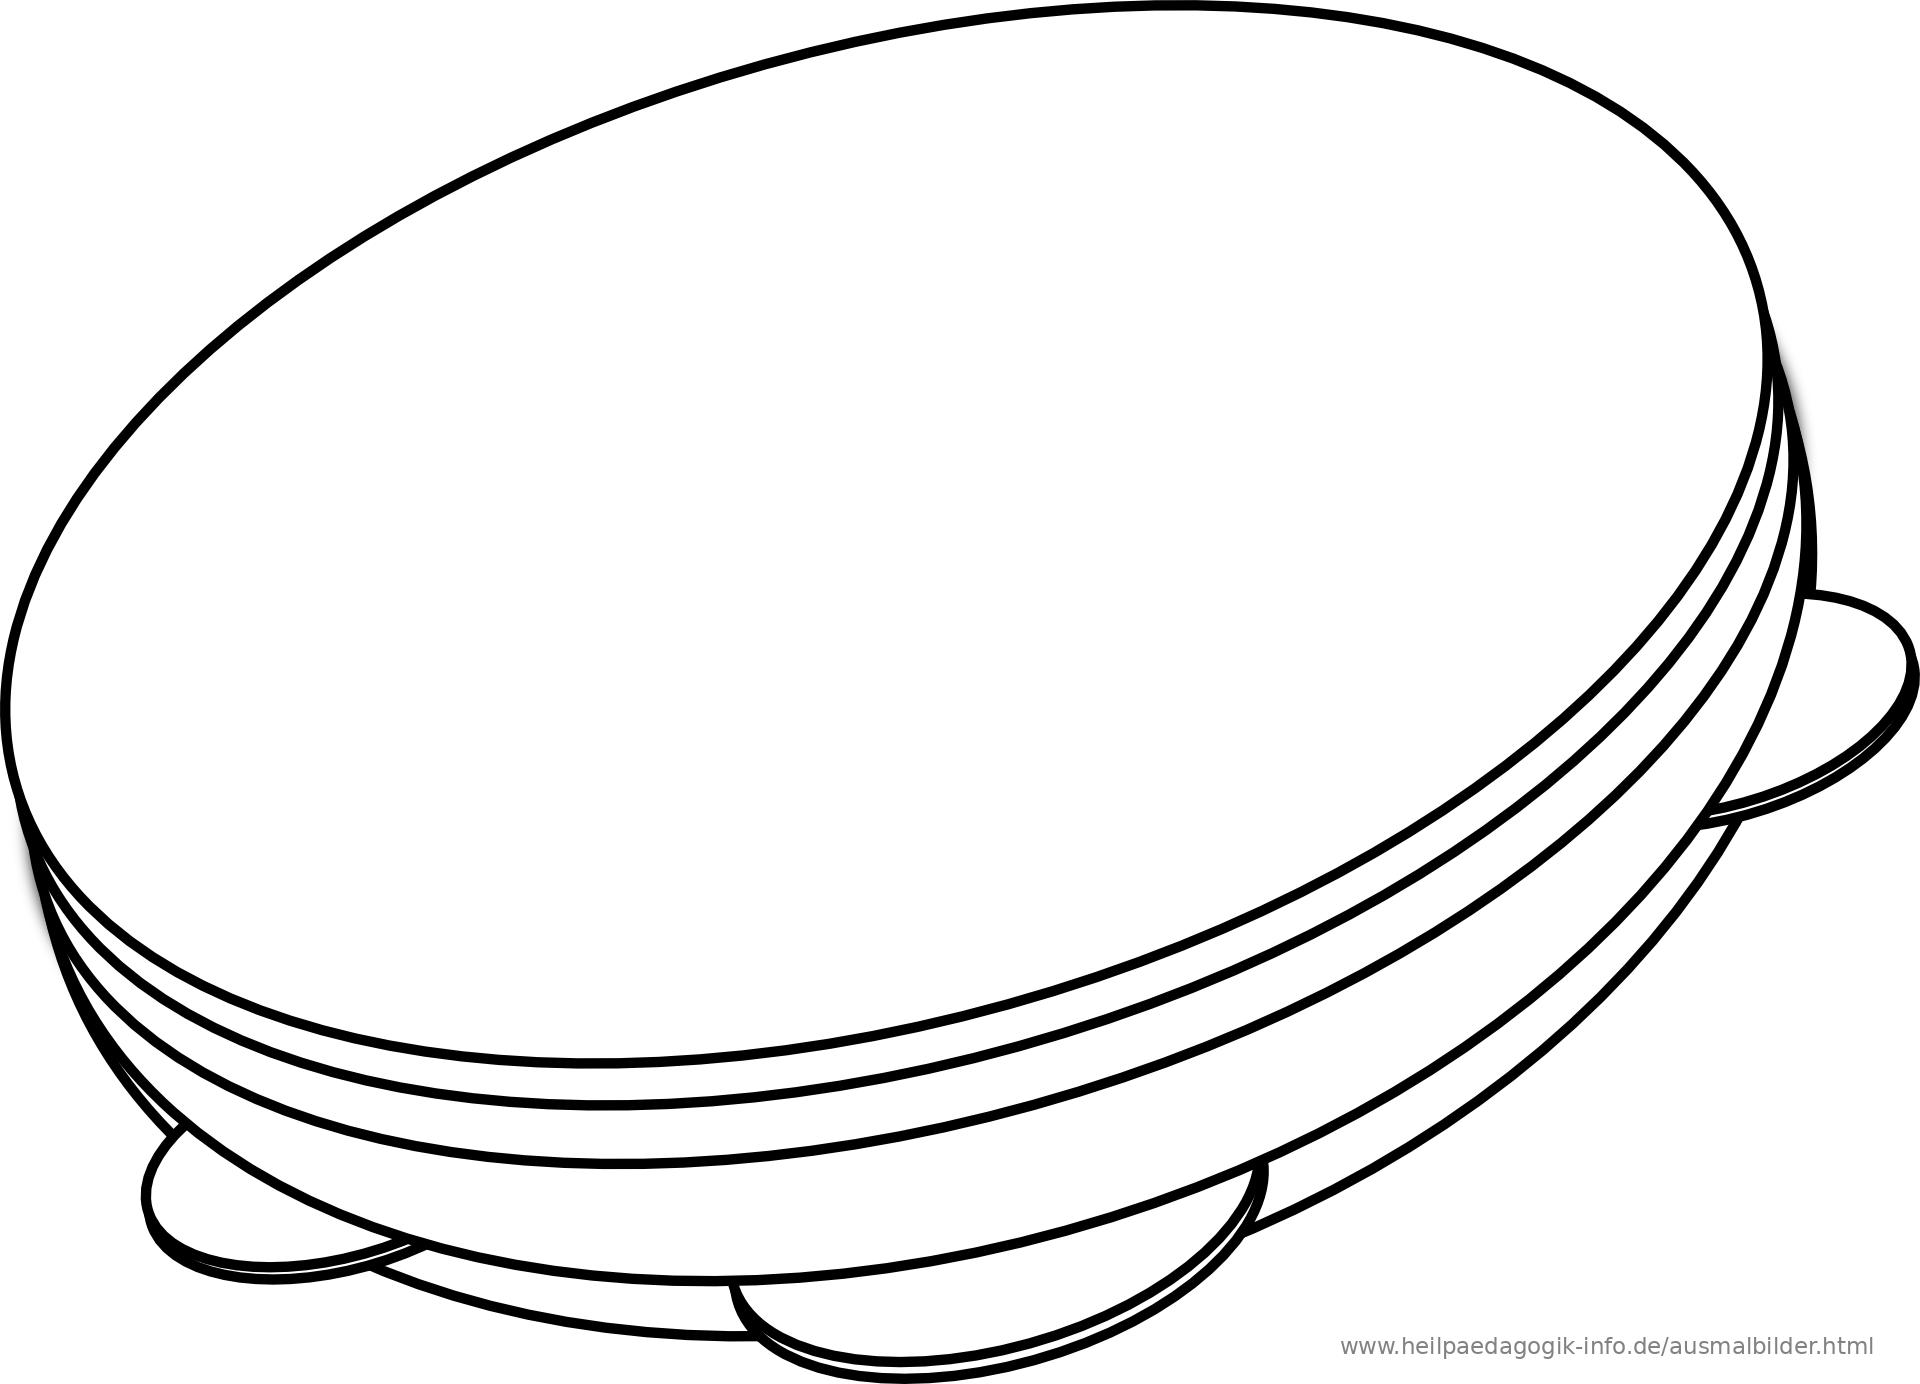 Als PDF oder PNG anzeigen 1 200 Ausmalbilder